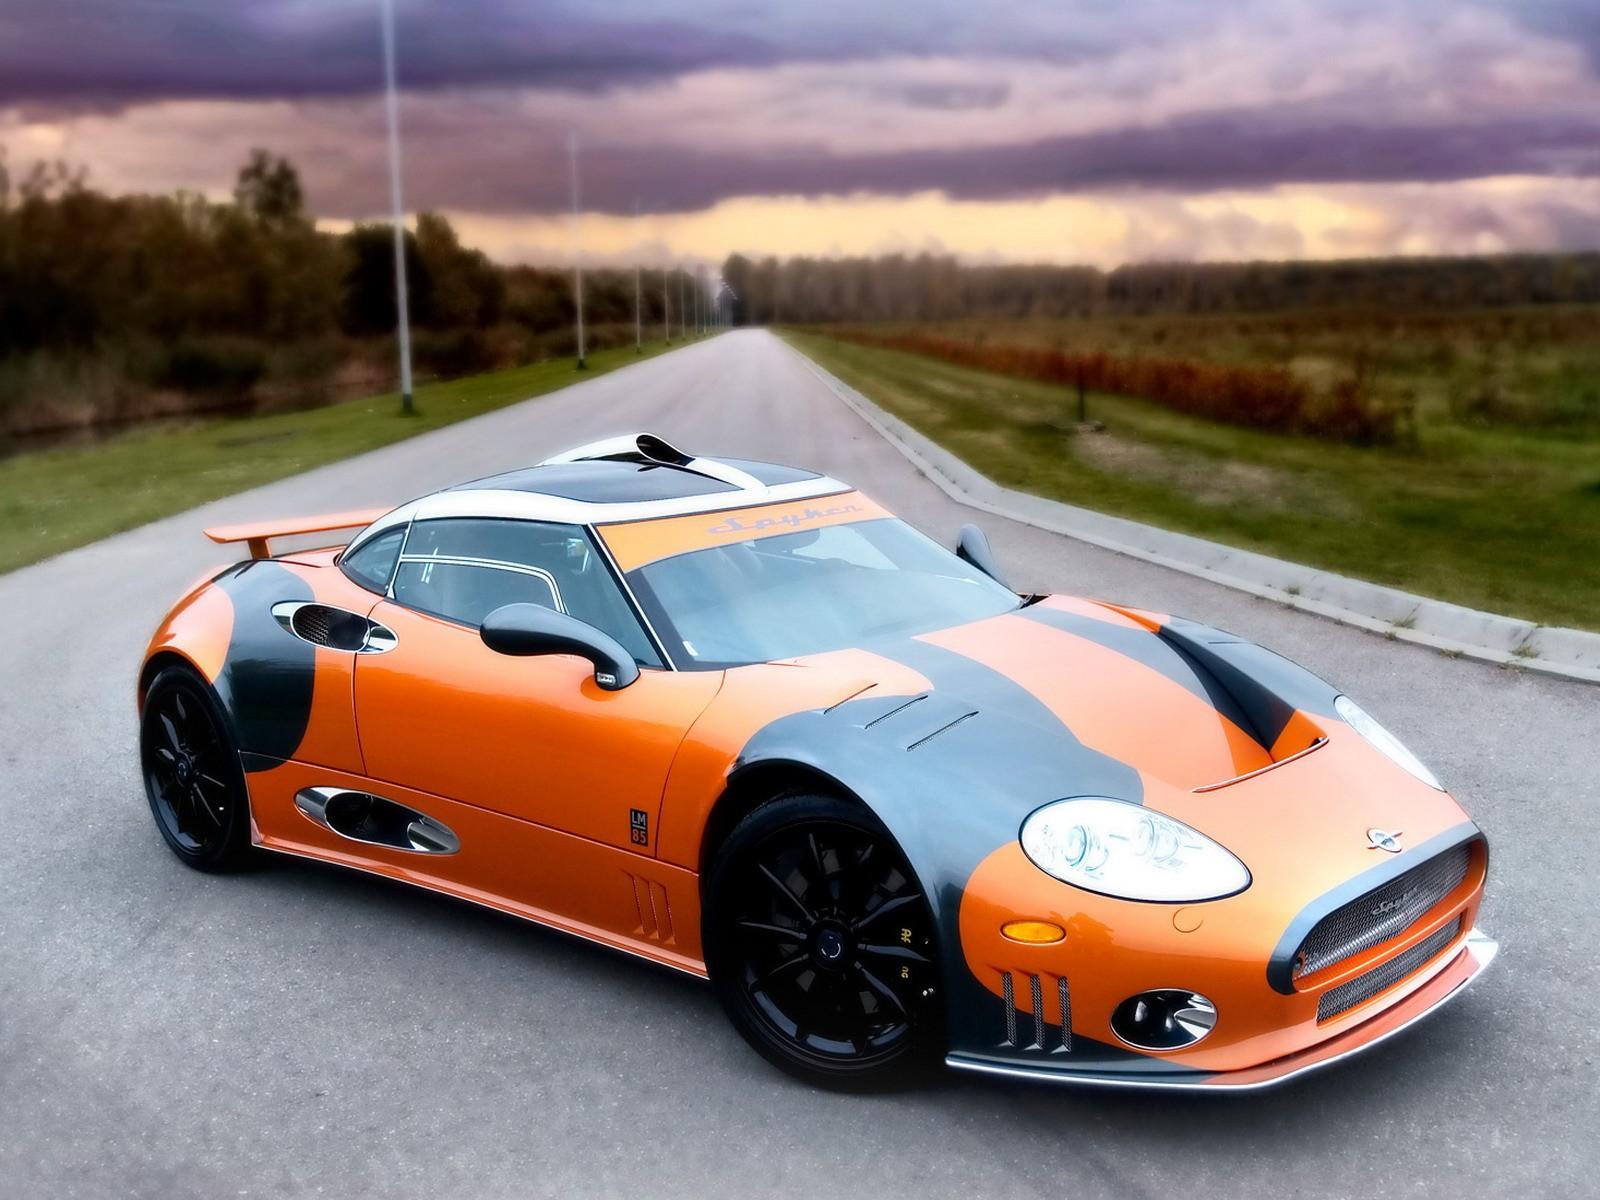 http://2.bp.blogspot.com/_jhf-7wU76qc/TGb2deiSYtI/AAAAAAAABUk/0KorBmJCjWY/s1600/spyker-car-3.jpg